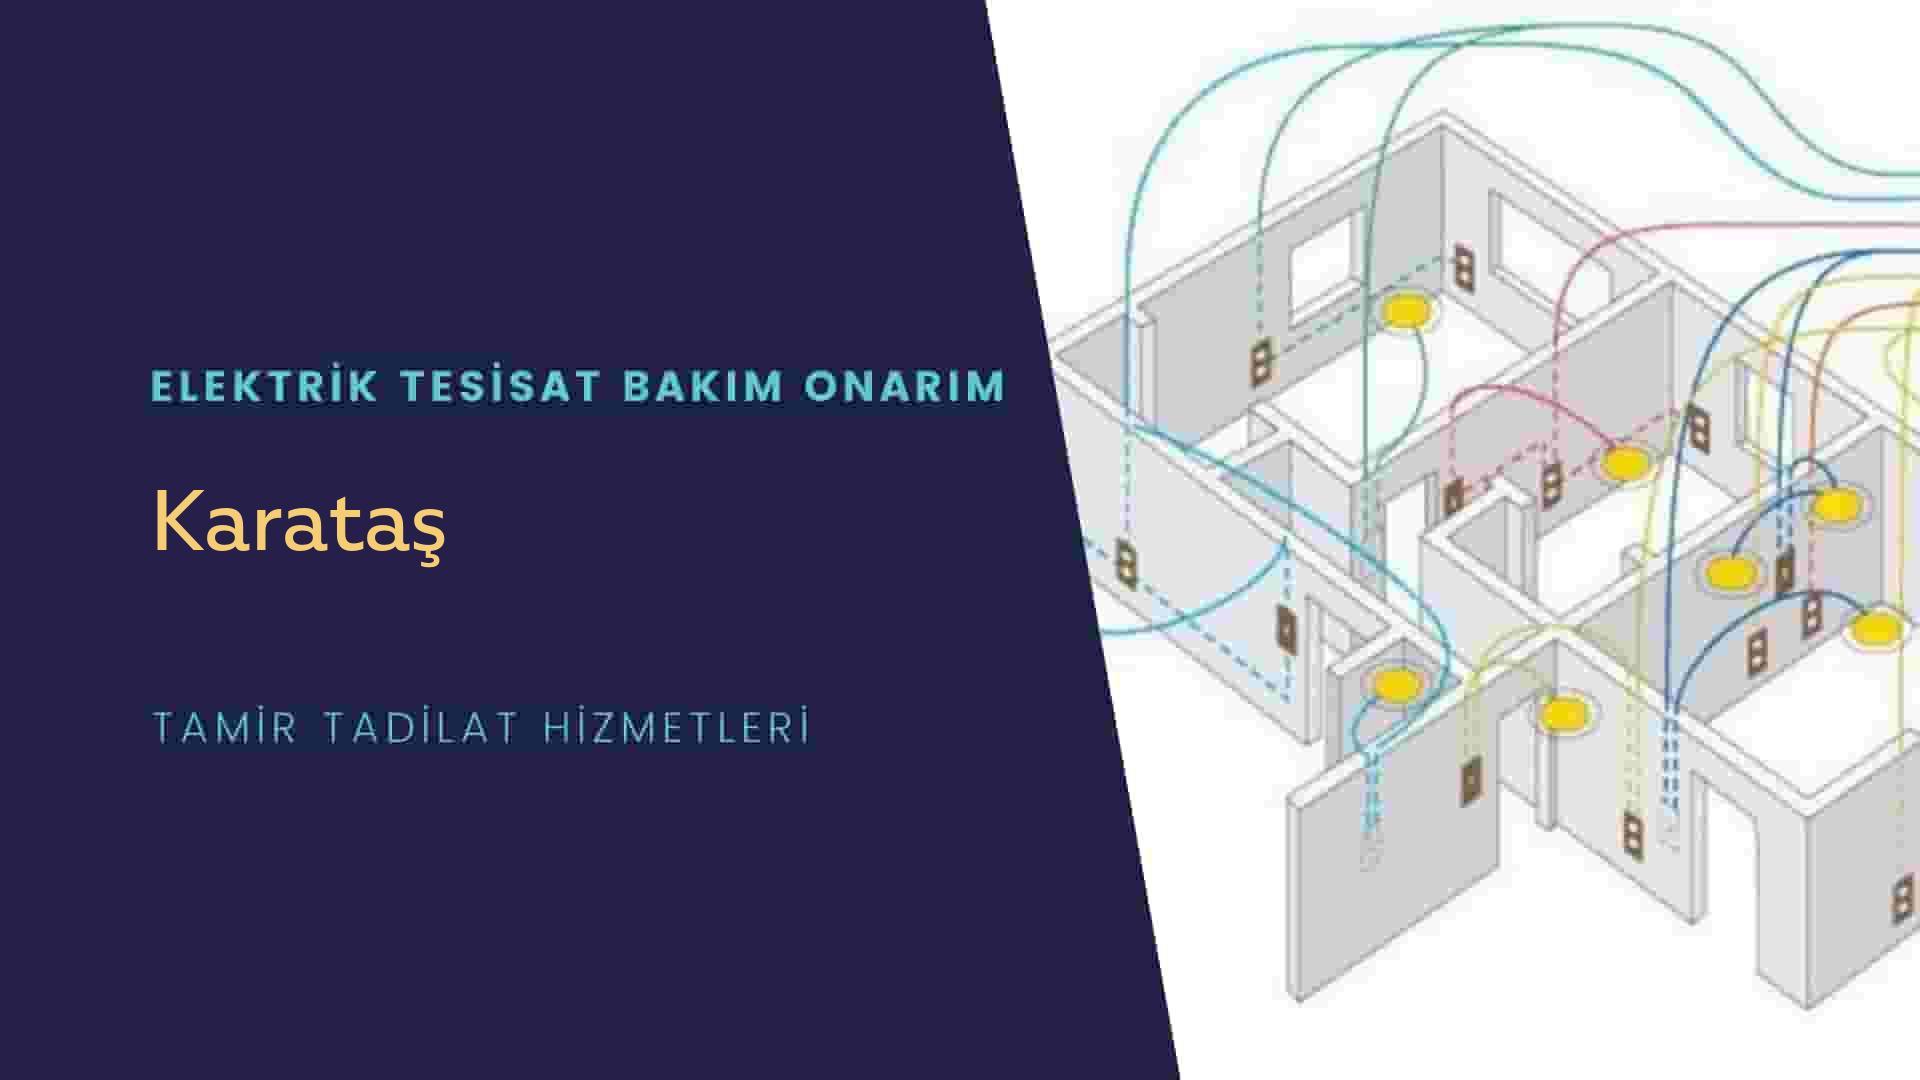 Karataş'ta elektrik tesisatıustalarımı arıyorsunuz doğru adrestenizi Karataş elektrik tesisatı ustalarımız 7/24 sizlere hizmet vermekten mutluluk duyar.